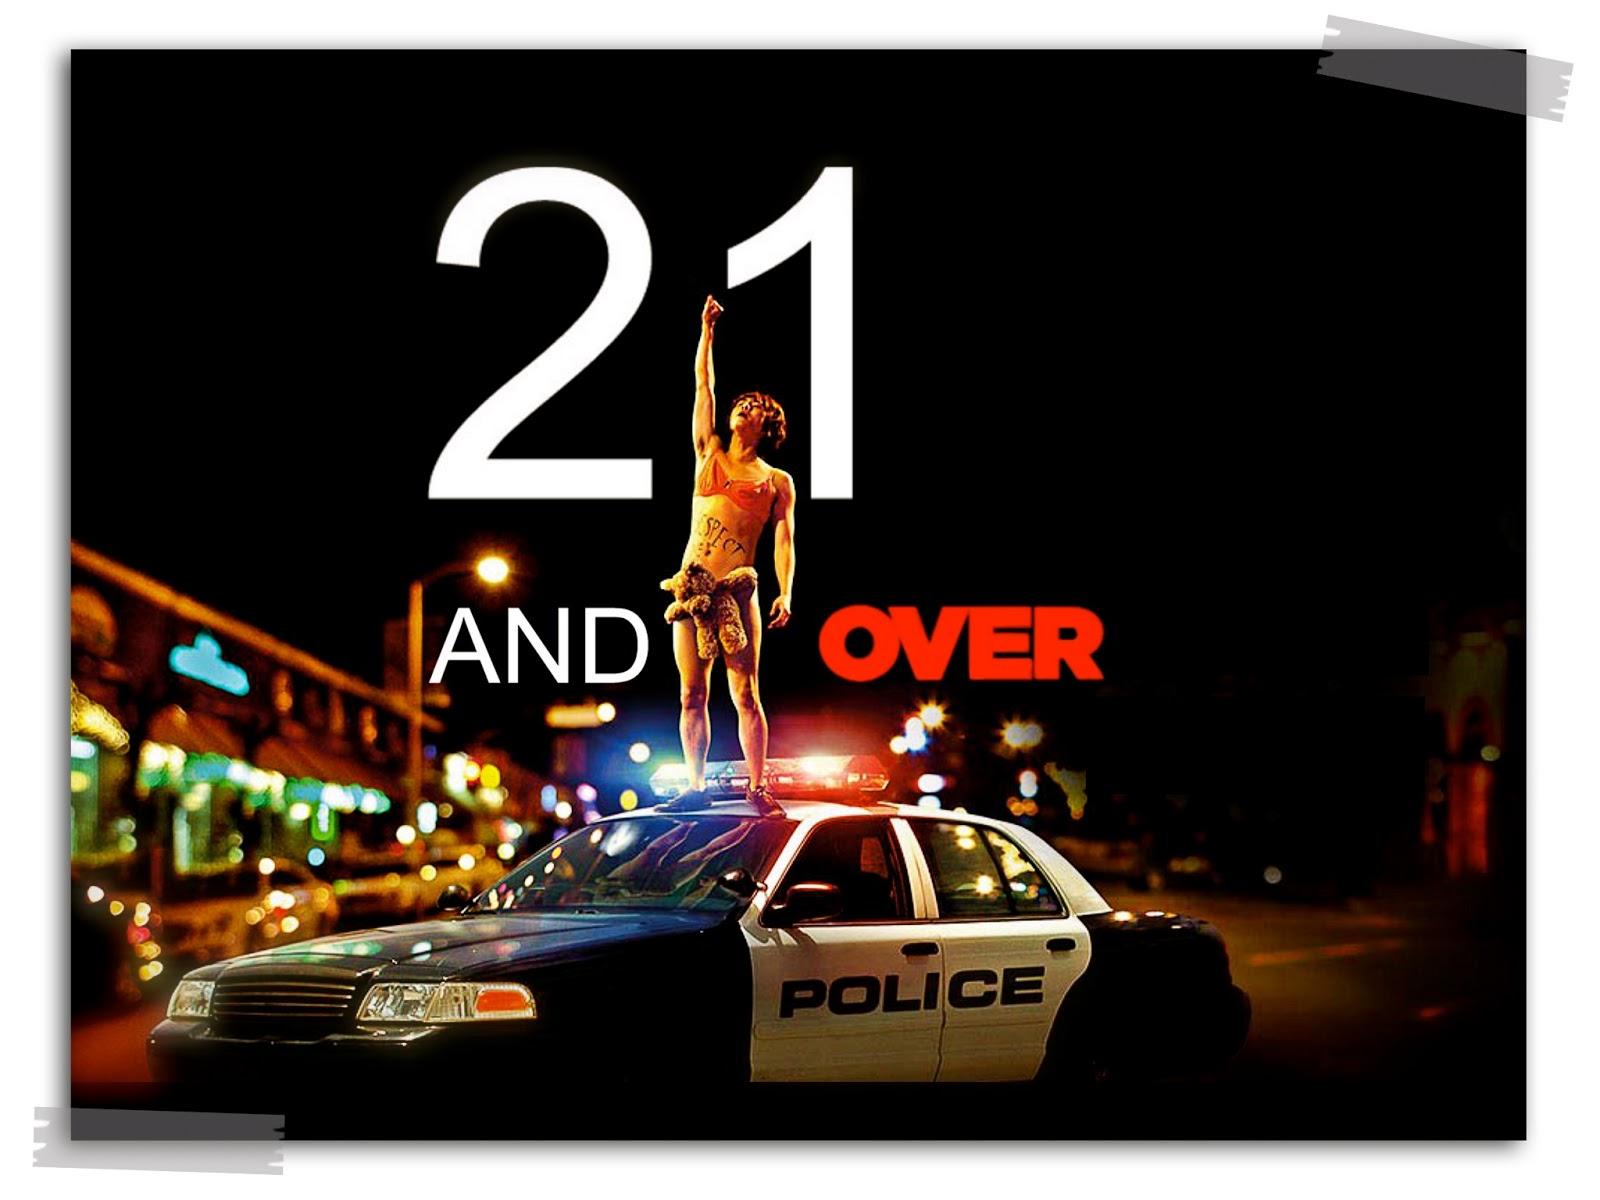 Yo que se de cine una noche loca 21 over for Divan una noche loca